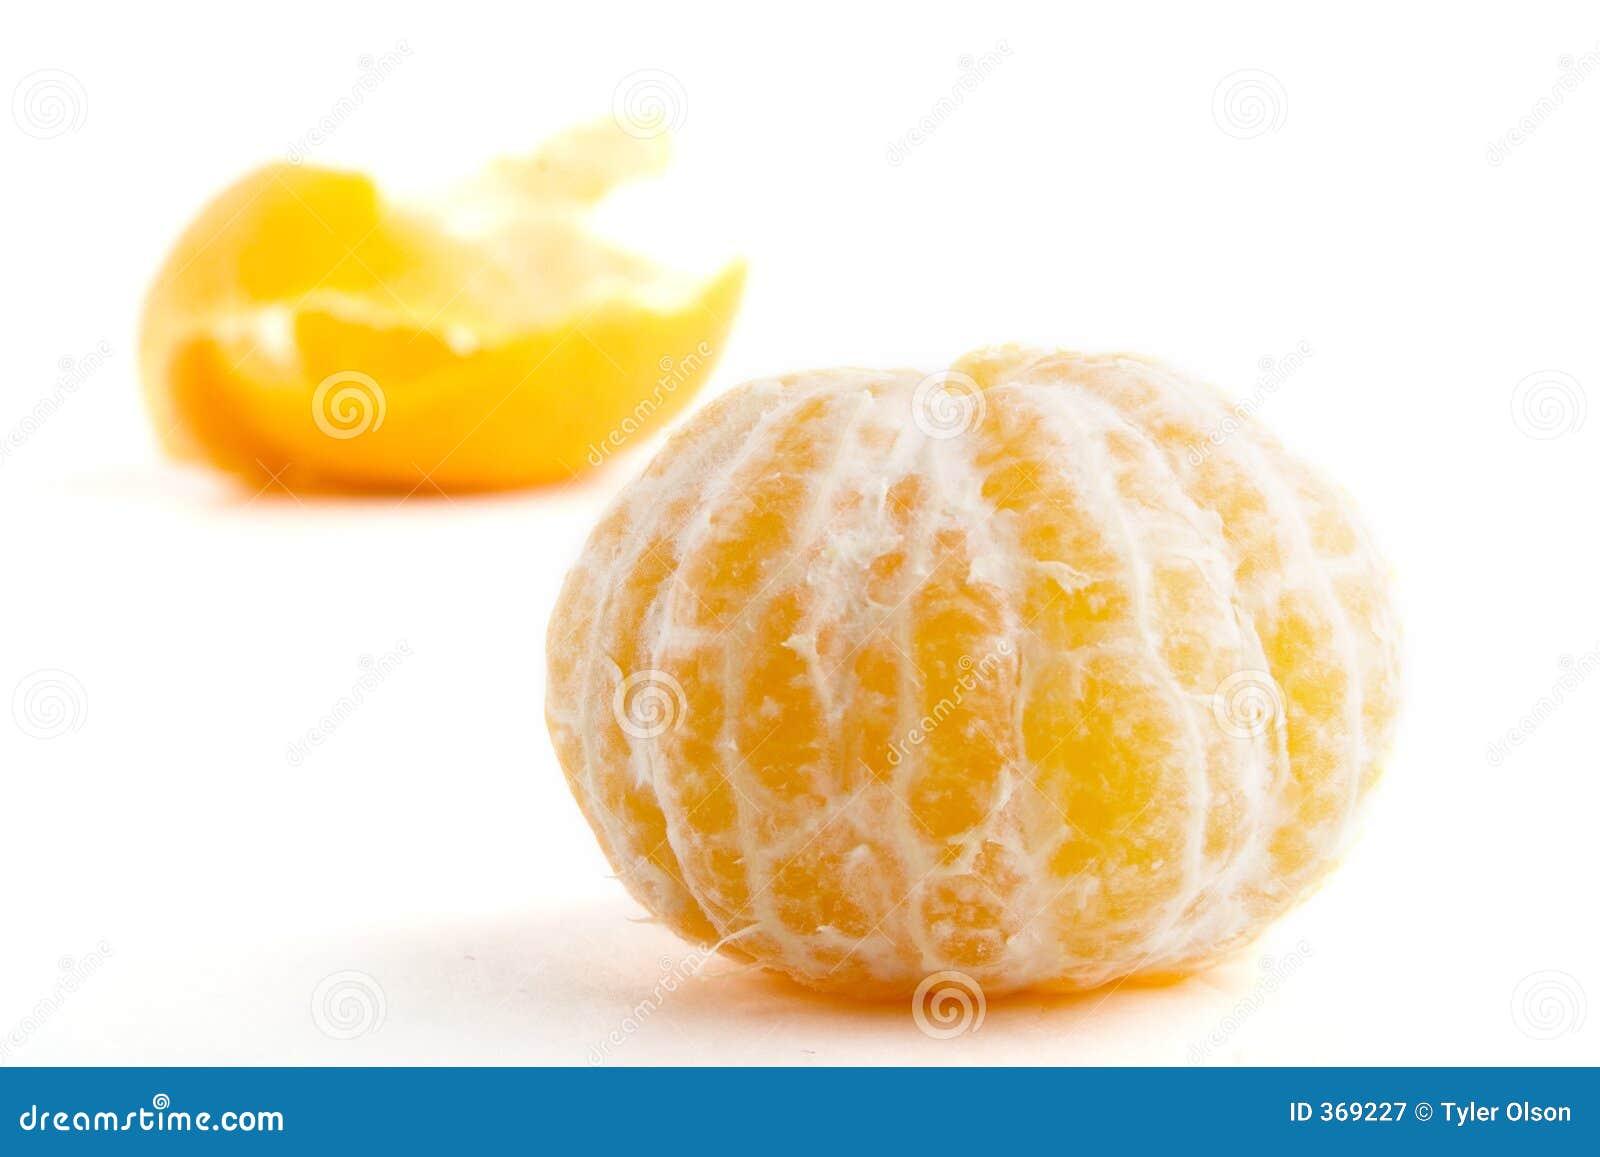 Orange Without peel